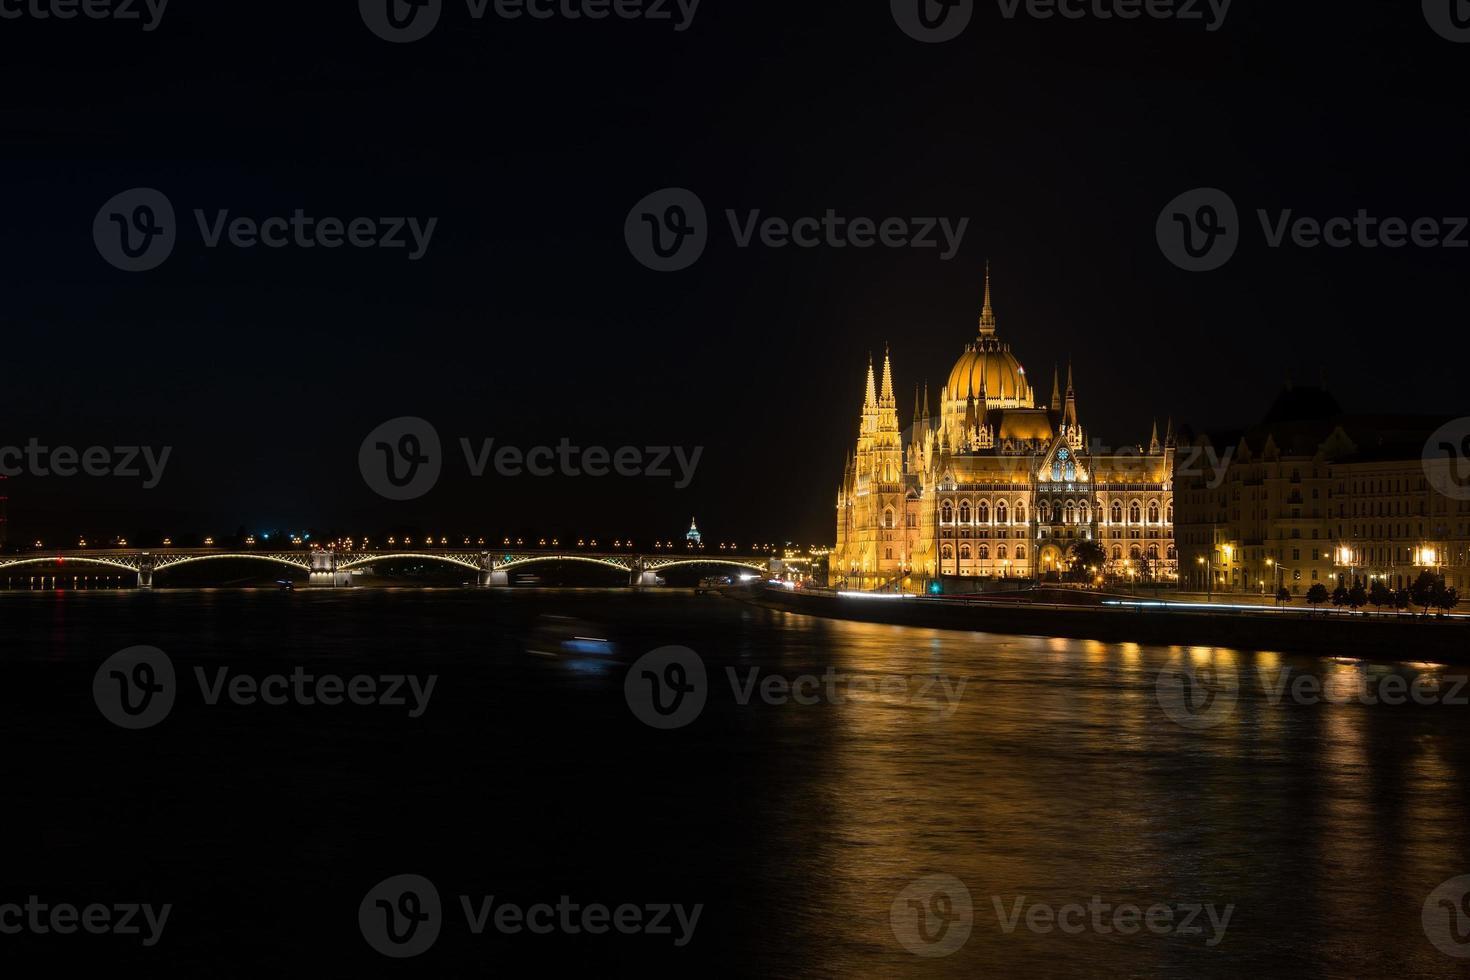 nächtlicher Blick auf den Fluss des Parlamentsgebäudes in Budapest hing foto